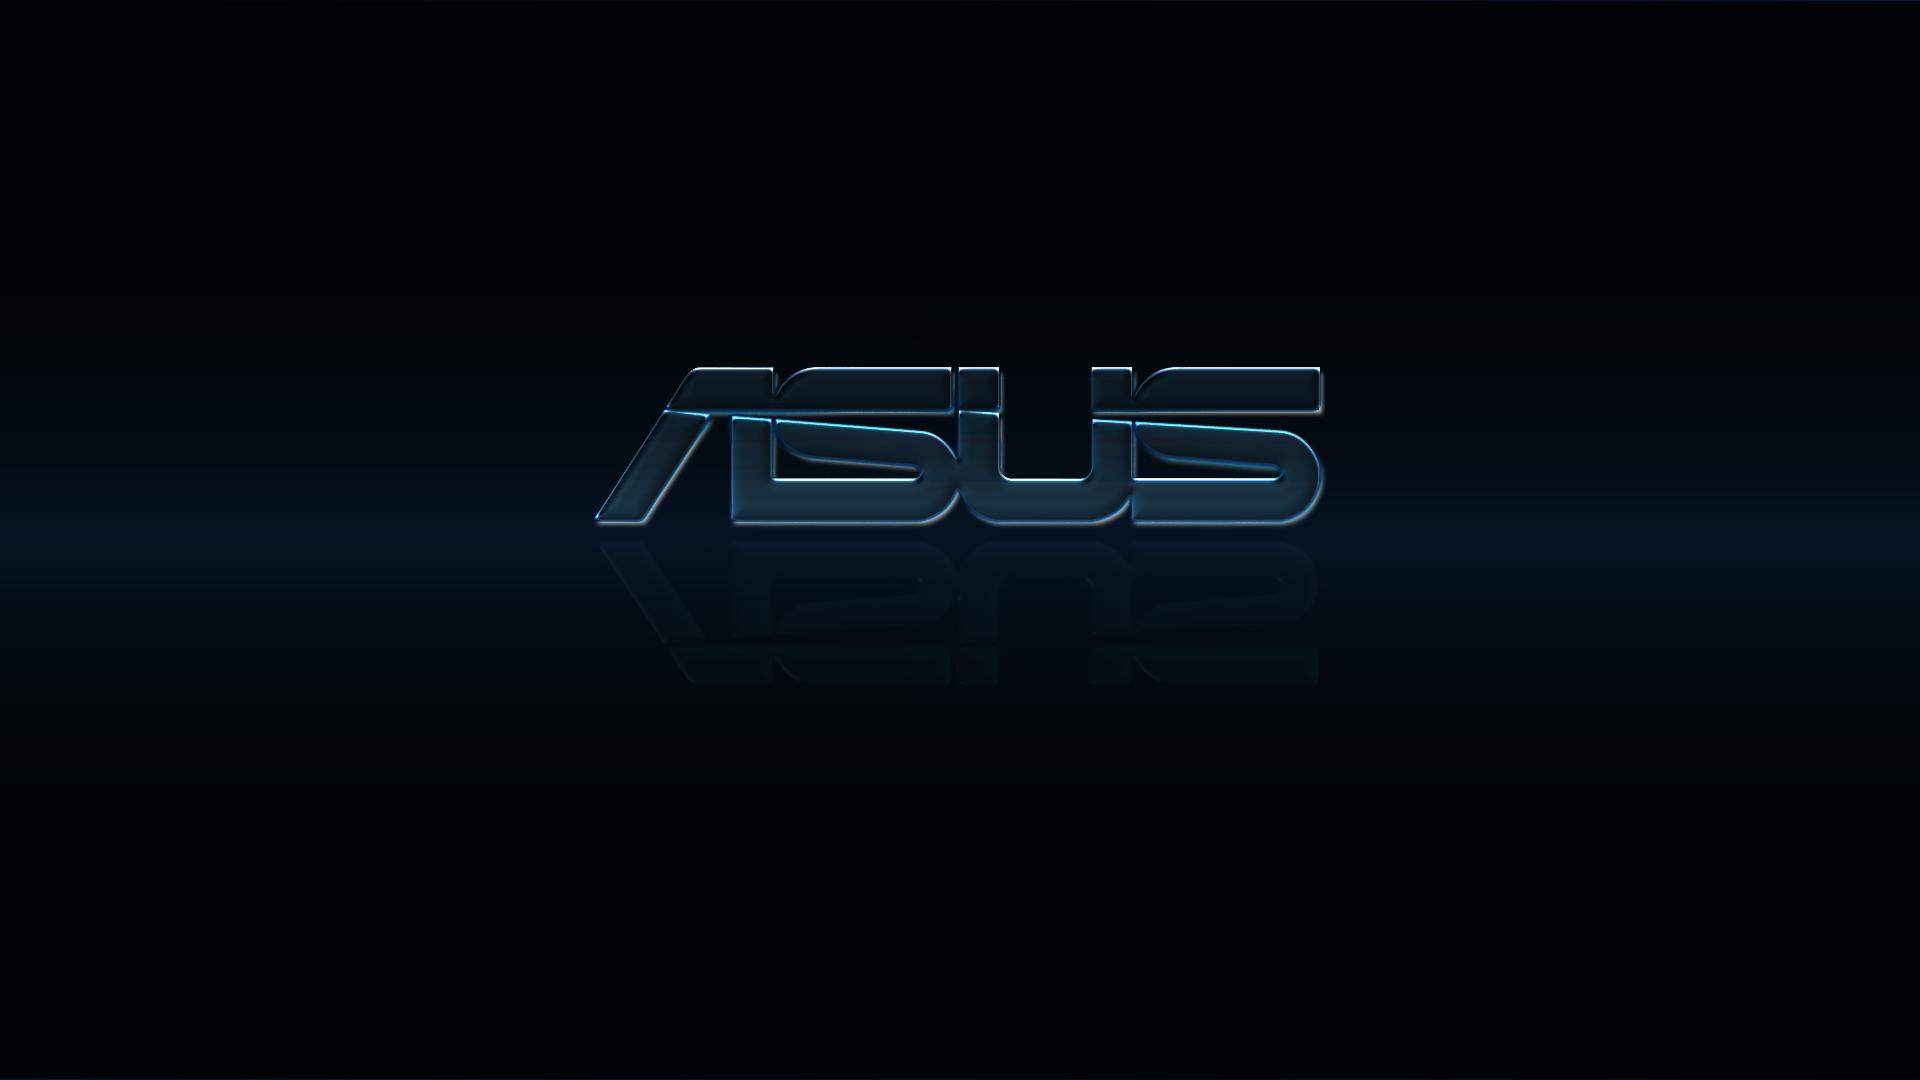 Asus Blue Wallpaper: Wallpaper For ASUS Transformer